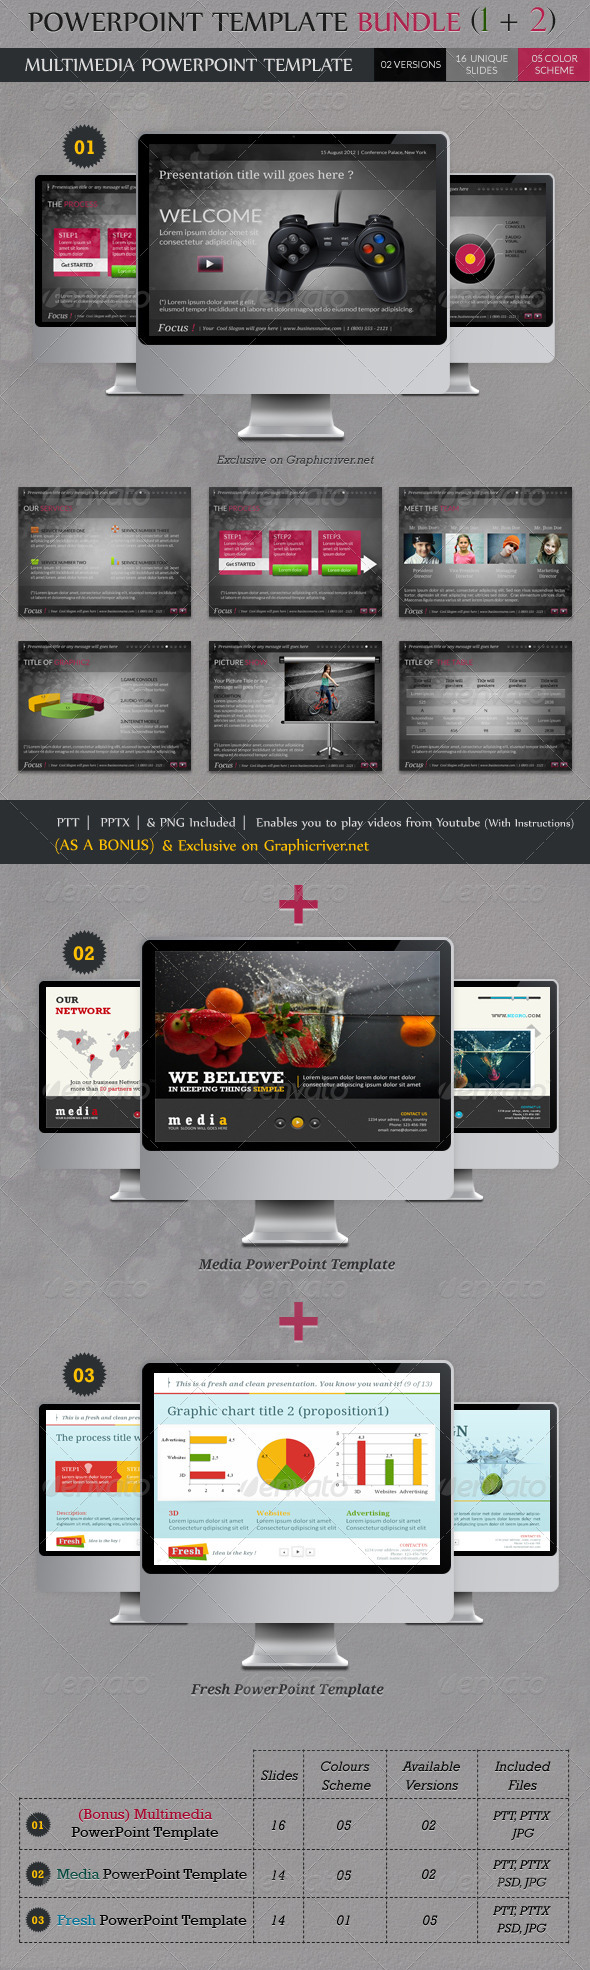 GraphicRiver Powerpoint Templates Bundle Bonus & 2 Pack 673659